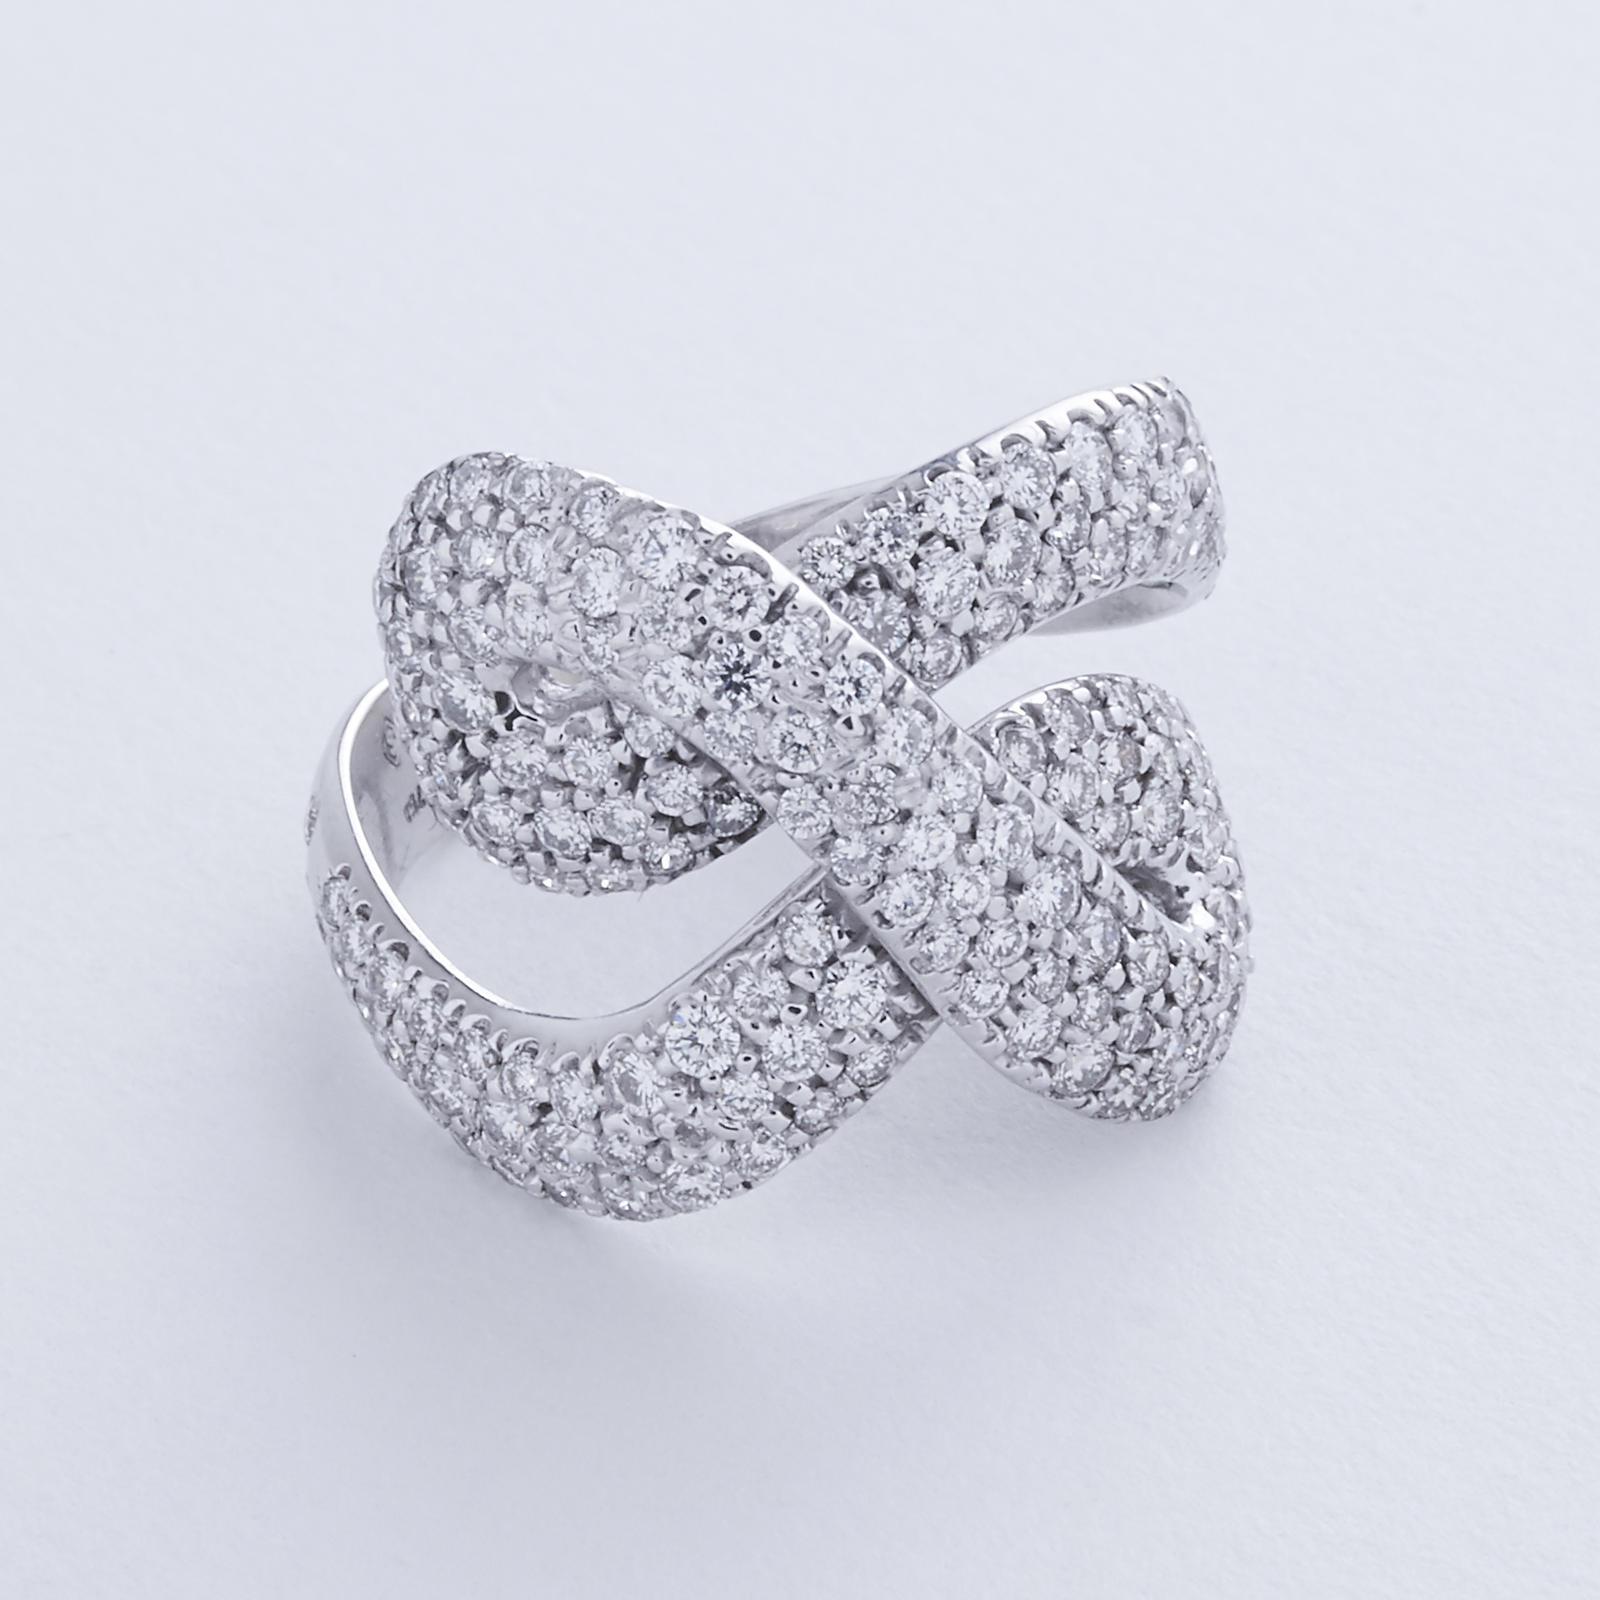 """H. Stern """"Celtic Dunes"""" Diamond Ring - Jewelry ..."""